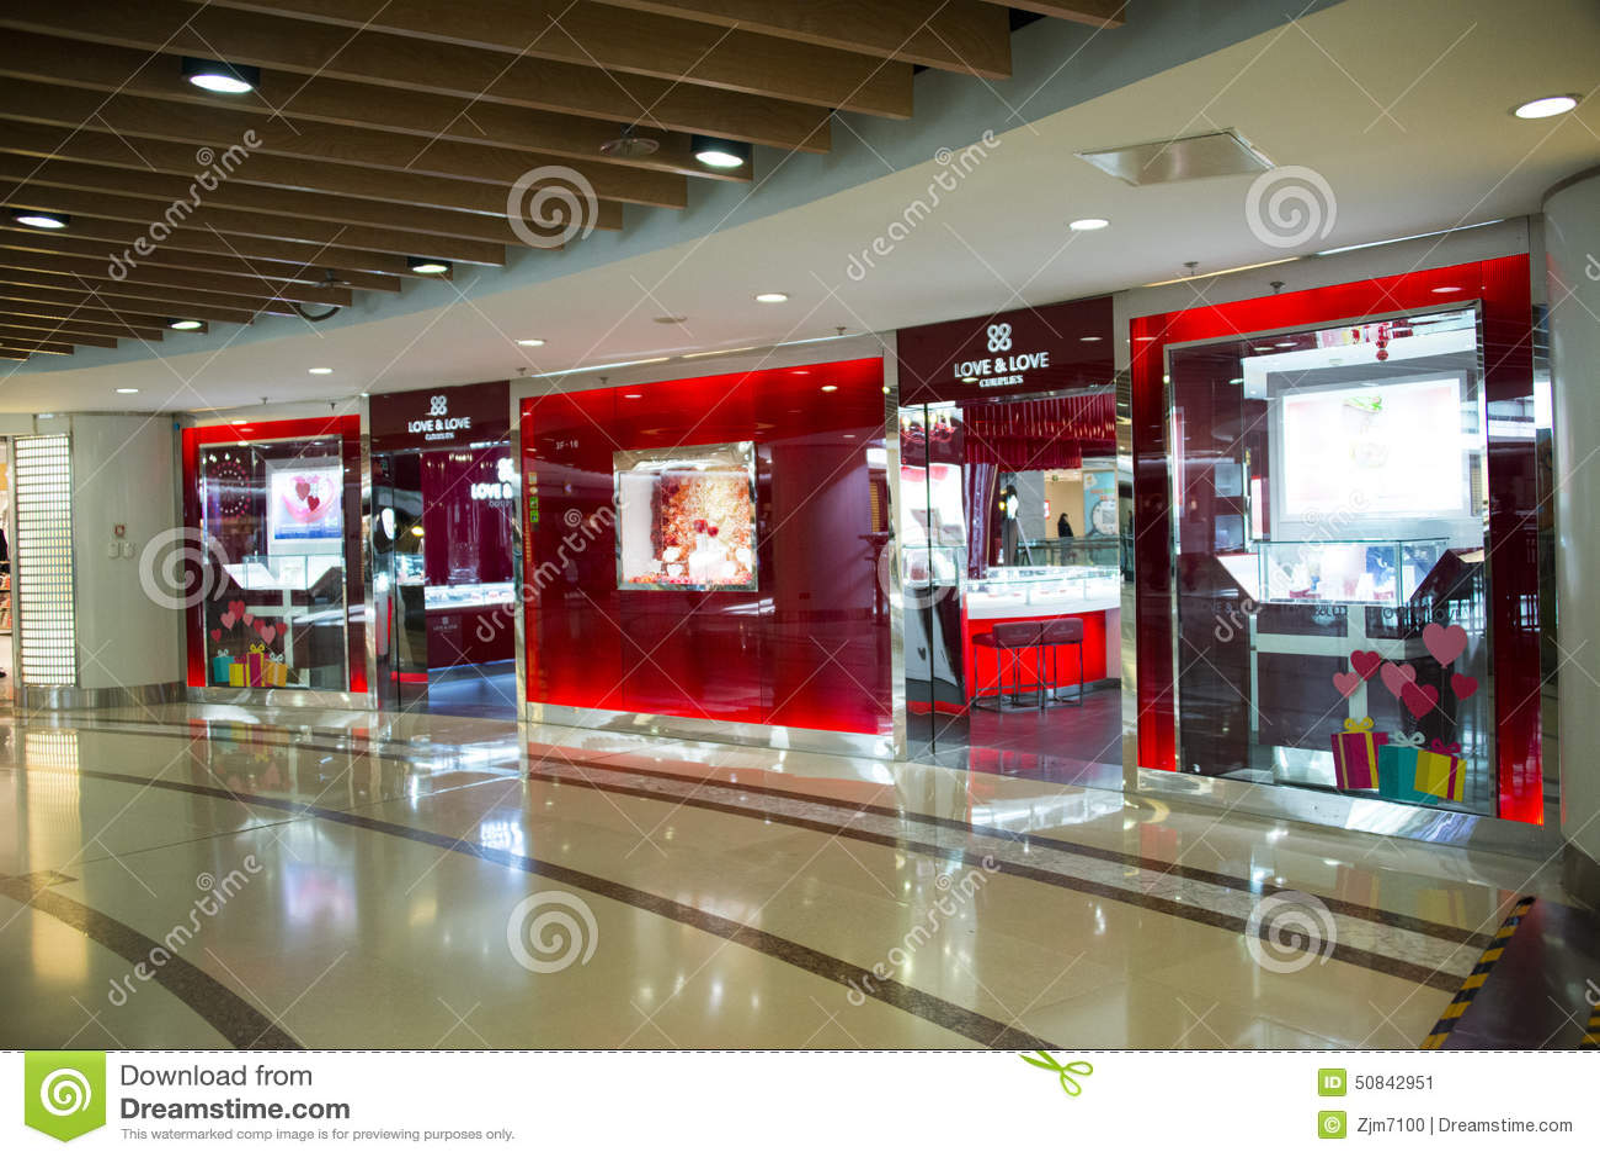 Lady joy clothing store indianapolis